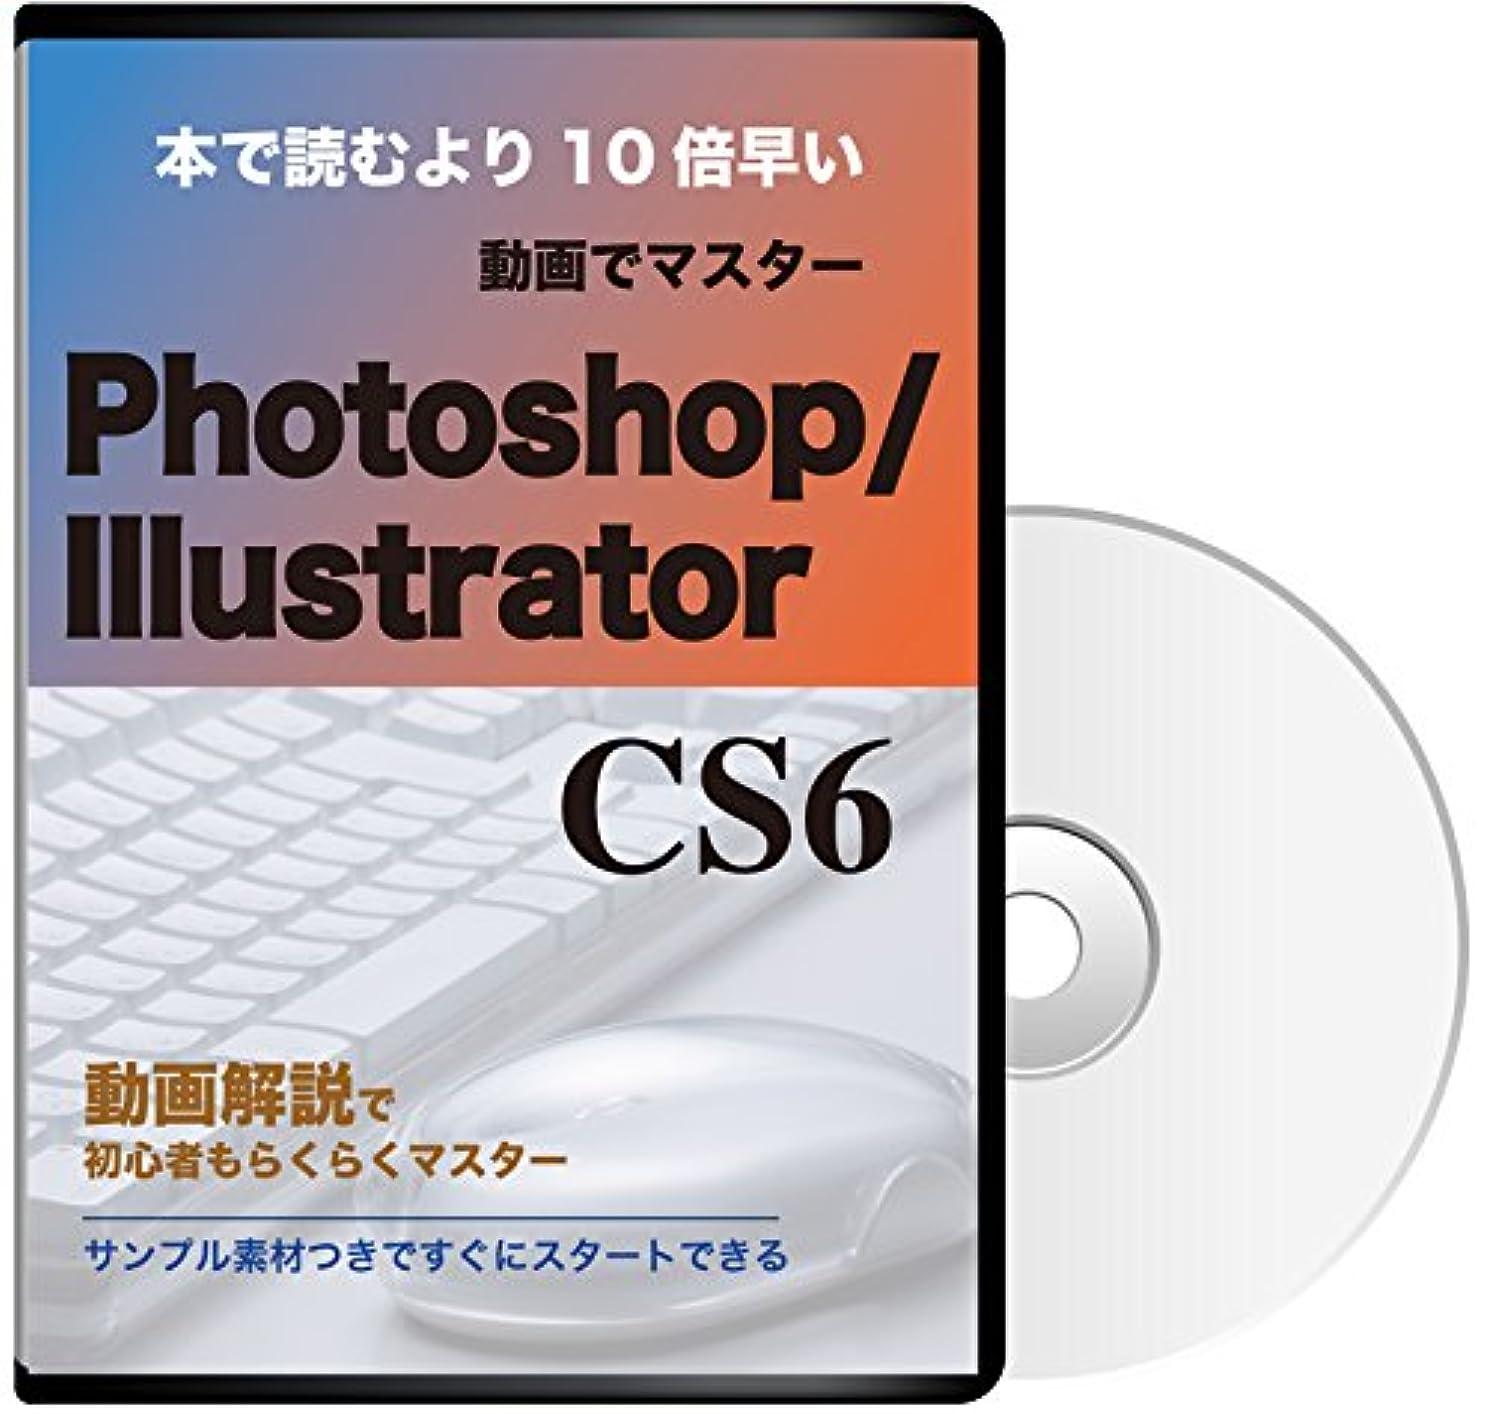 神経衰弱敷居トイレ本で読むより10倍早い! CS6完全対応 Adobe Illustrator & Photoshop CS6 ~動画による使い方講座~ [DVD]